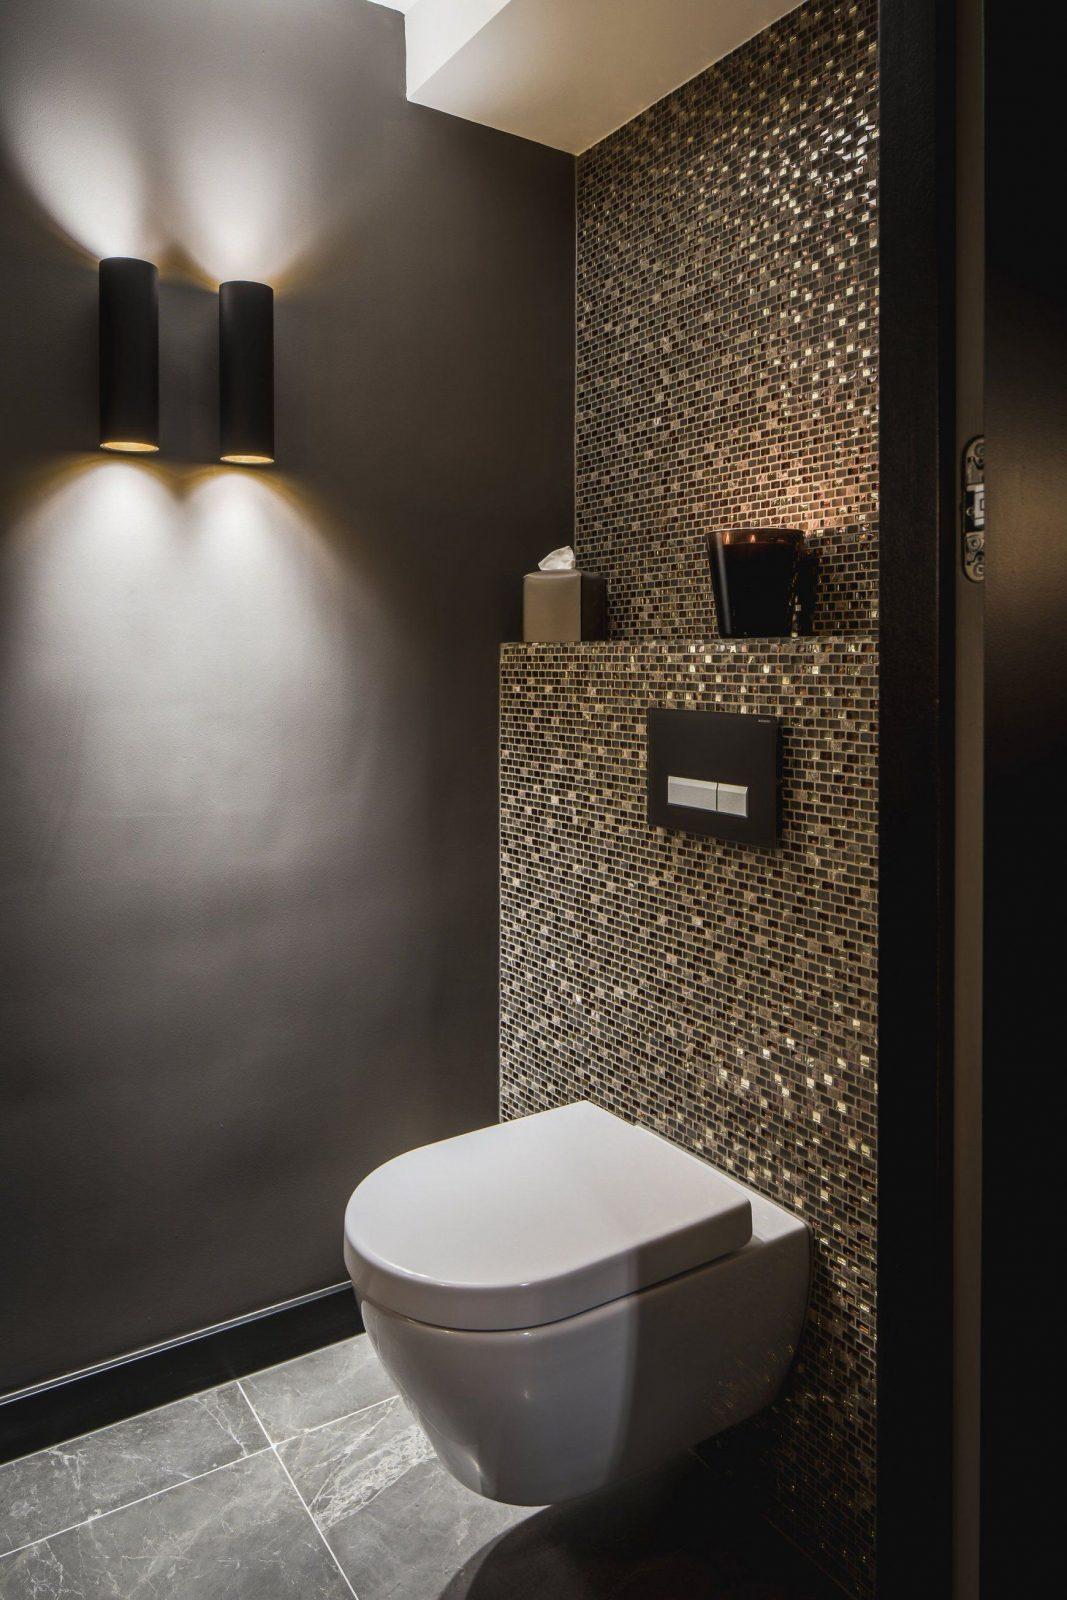 Idee Gäste Wc Mosaik Glimmer Dunkle Wände Schimmer Glas Gold von Gäste Wc Design Ideen Photo